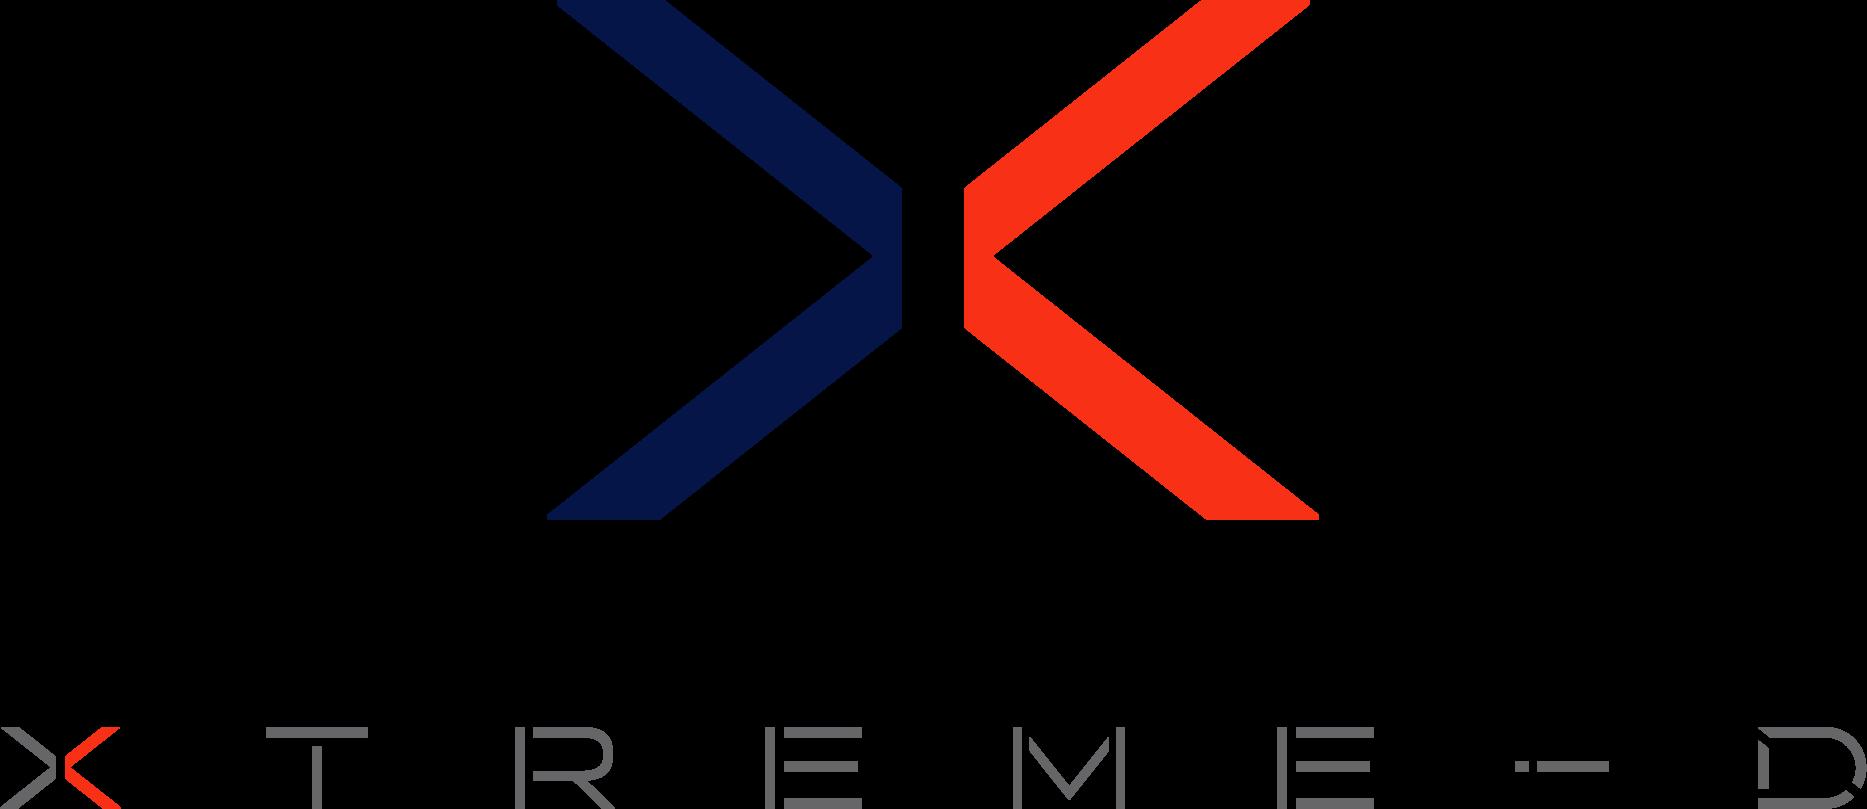 エクストリーム−D 株式会社 ロゴ